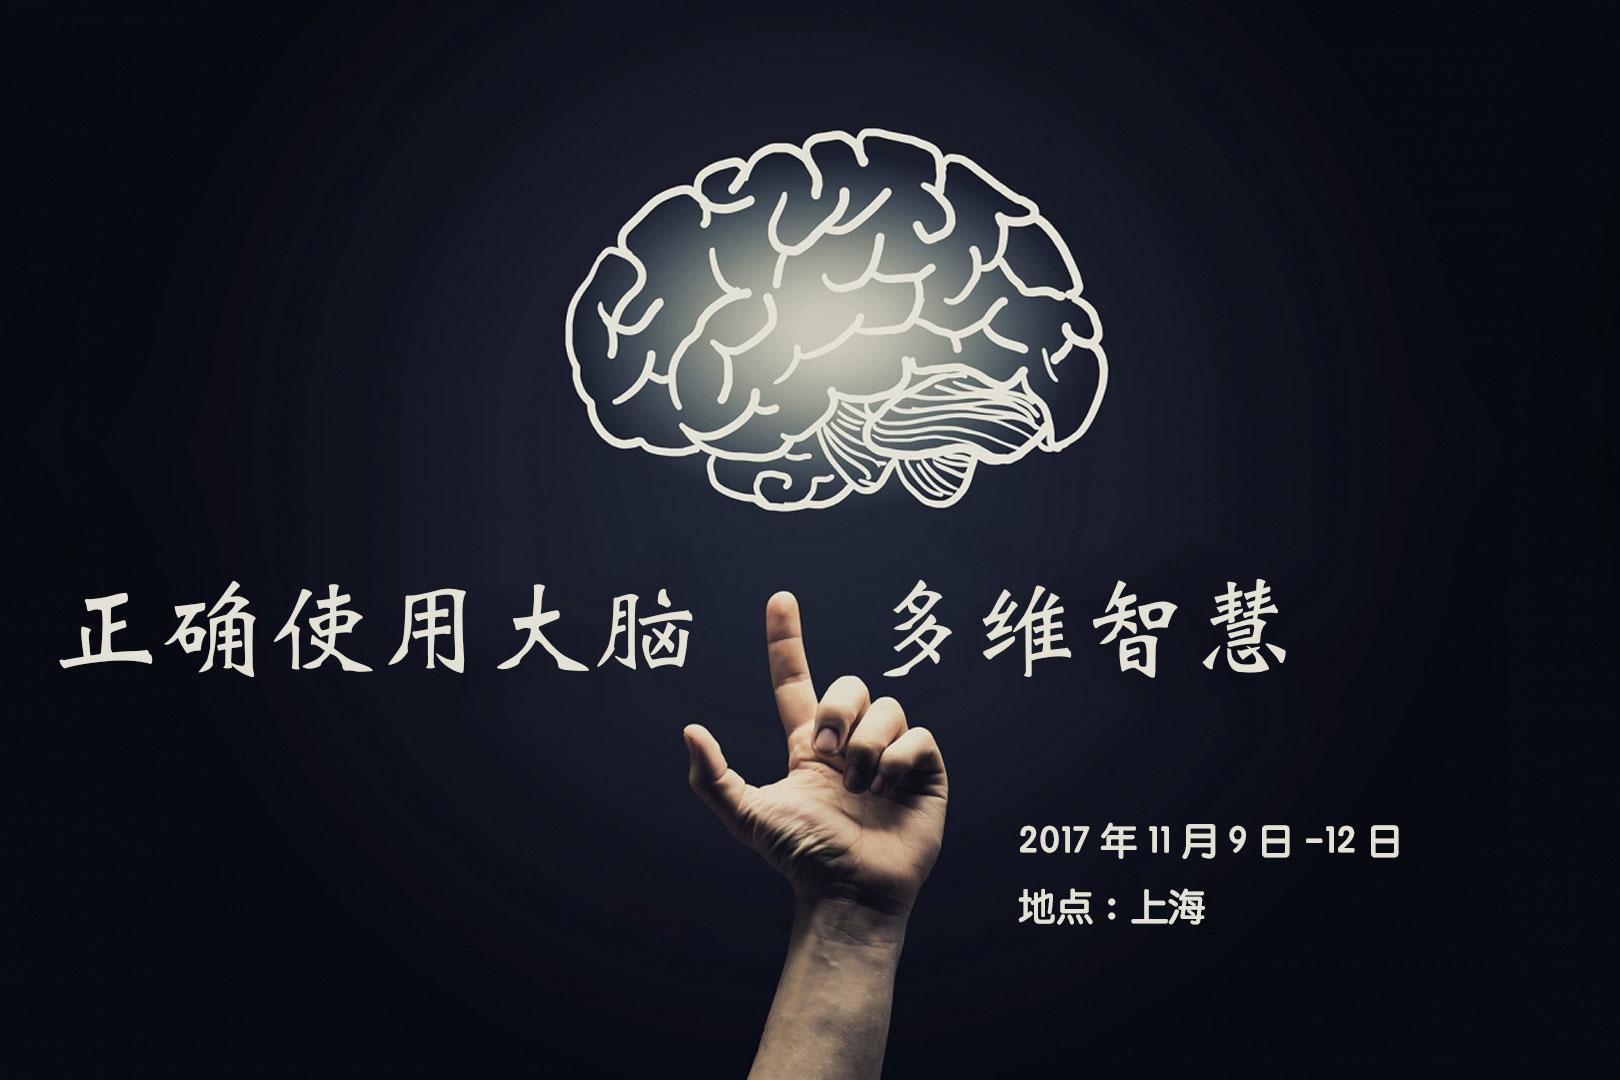 亲爱的师兄:   小觉悟课程《正确使用大脑--多维智慧》即将于2017年11月9日-12日在上海开课了。   在《正确使用大脑--多维智慧》中,我们将学到人何以为人?人生的真正价值何在?何谓正确的大脑运作原理?如何建立我们的信念系统?思维决定一切。任何果的诞生,最终应该归根于思想。心管方向,大脑管逻辑,众生一体,一体同心--向善之心。领导者应该打开思维格局,明理于道,穷尽事物本来的根,以向善向上之心推动人生的进步,提高思维能量的有效性,实现公司经营、人生经营的最高境界。    追根溯源,穿越层层迷障。